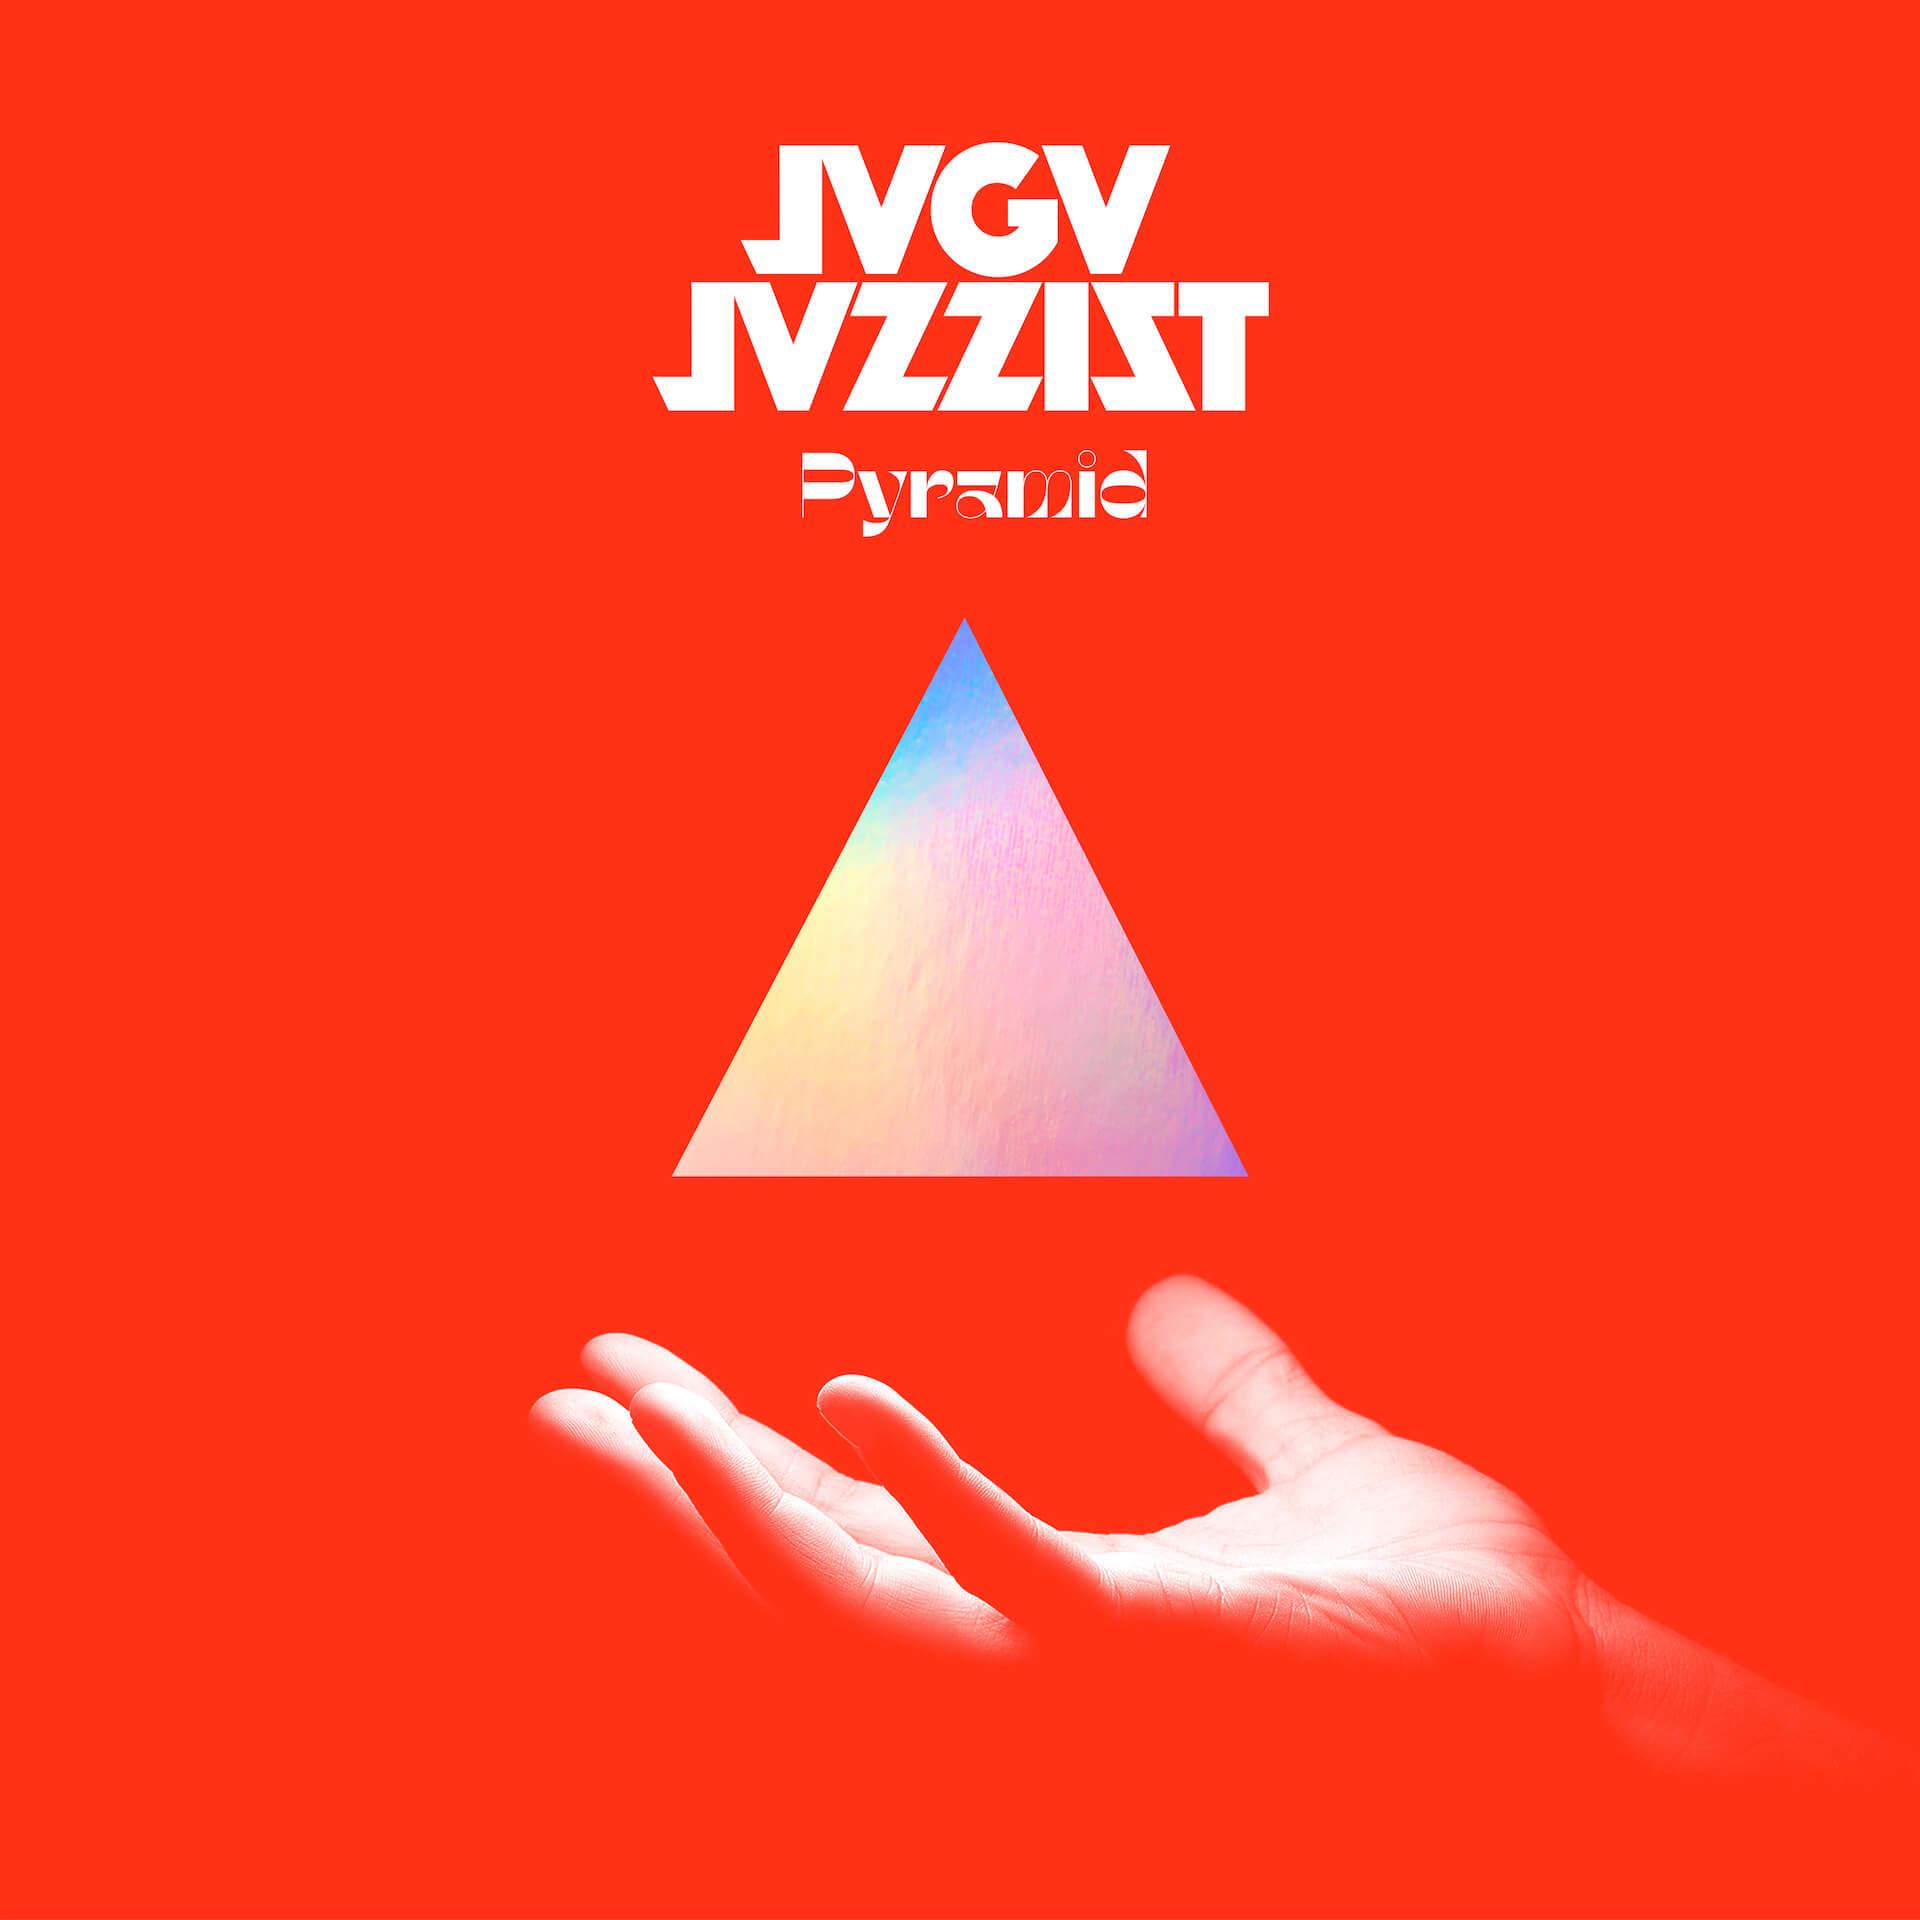 """ノルウェーを代表する音楽集団Jaga Jazzistが『Pyramid』を〈Brainfeeder〉からリリース!冨田勲に捧げる""""Tomita""""収録 music0227_jagajazzist_02"""